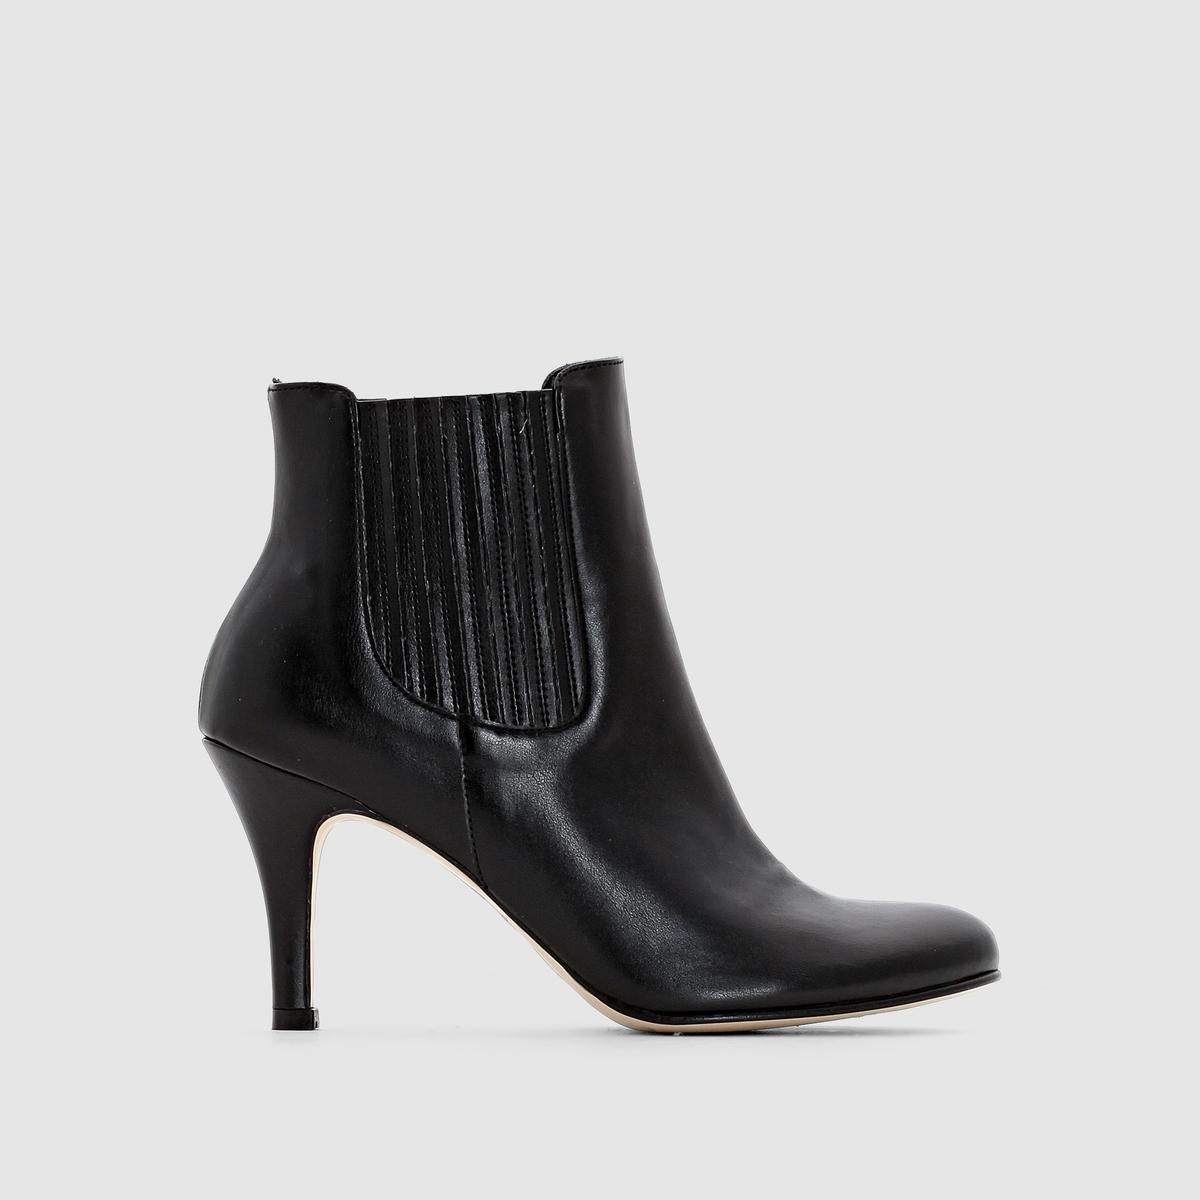 Ботильоны на каблукеУтонченный и модный дизайн от Jonak: Тонкий каблук, изящная форма. Подчеркнуто женственные ботинки подойдут к любой одежде: и к юбке, и к брюкам!<br><br>Цвет: черный<br>Размер: 37.39.40